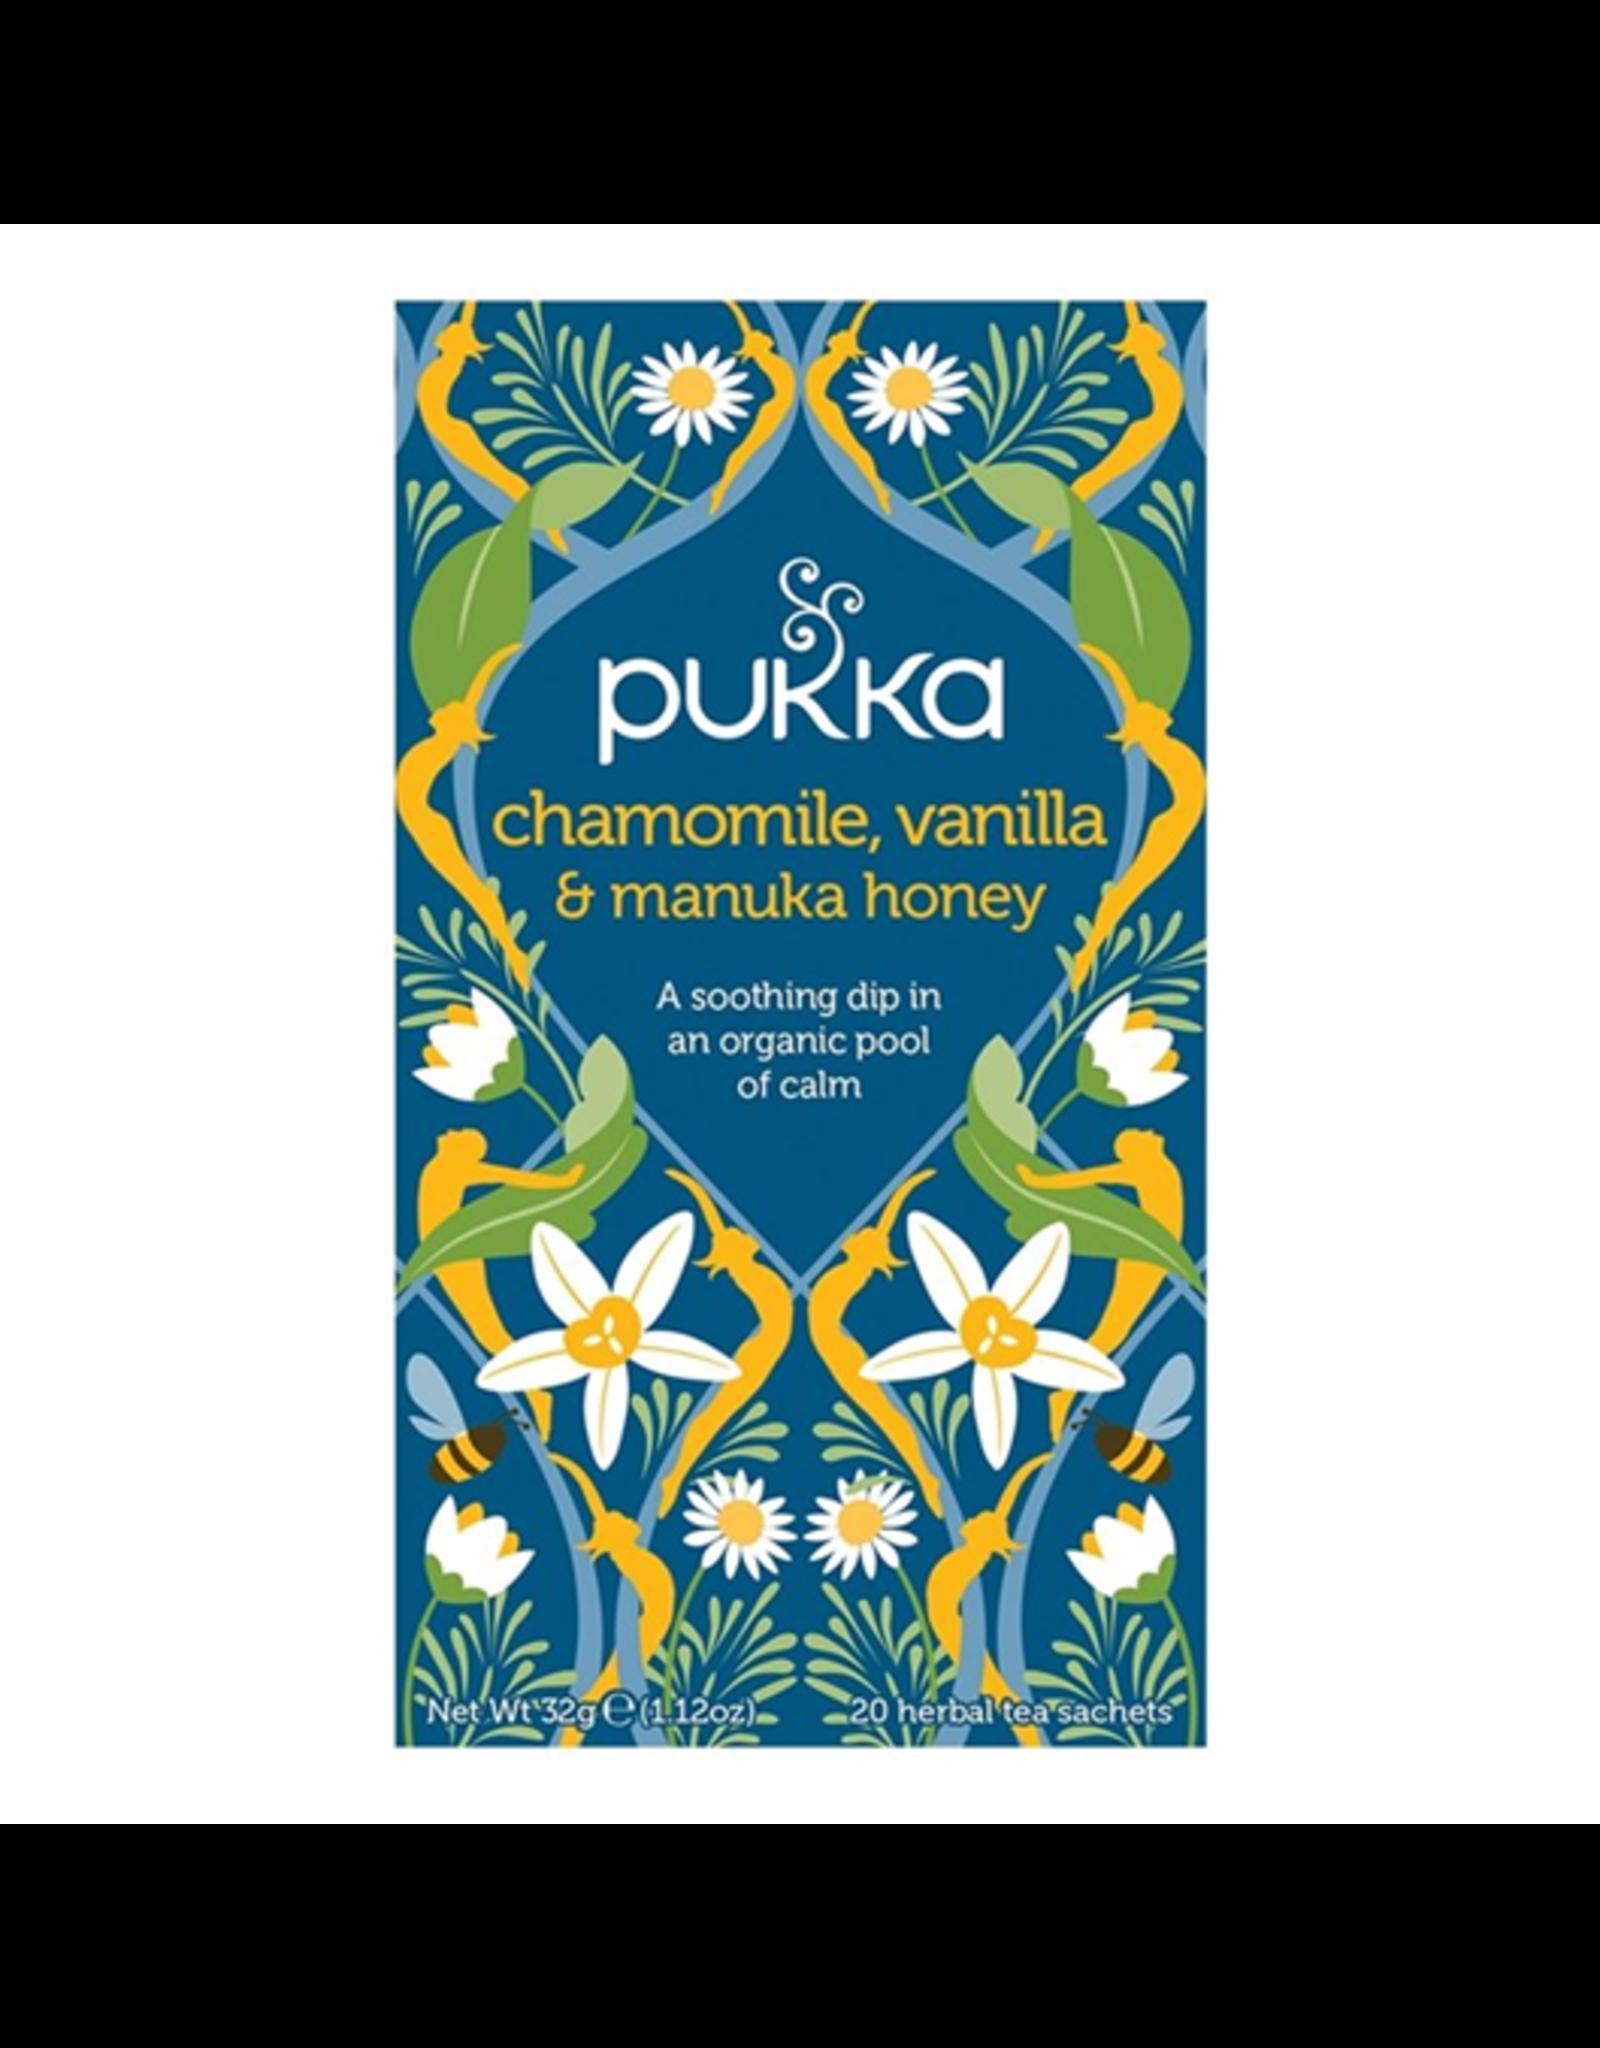 Pukka Chamomile Vanilla